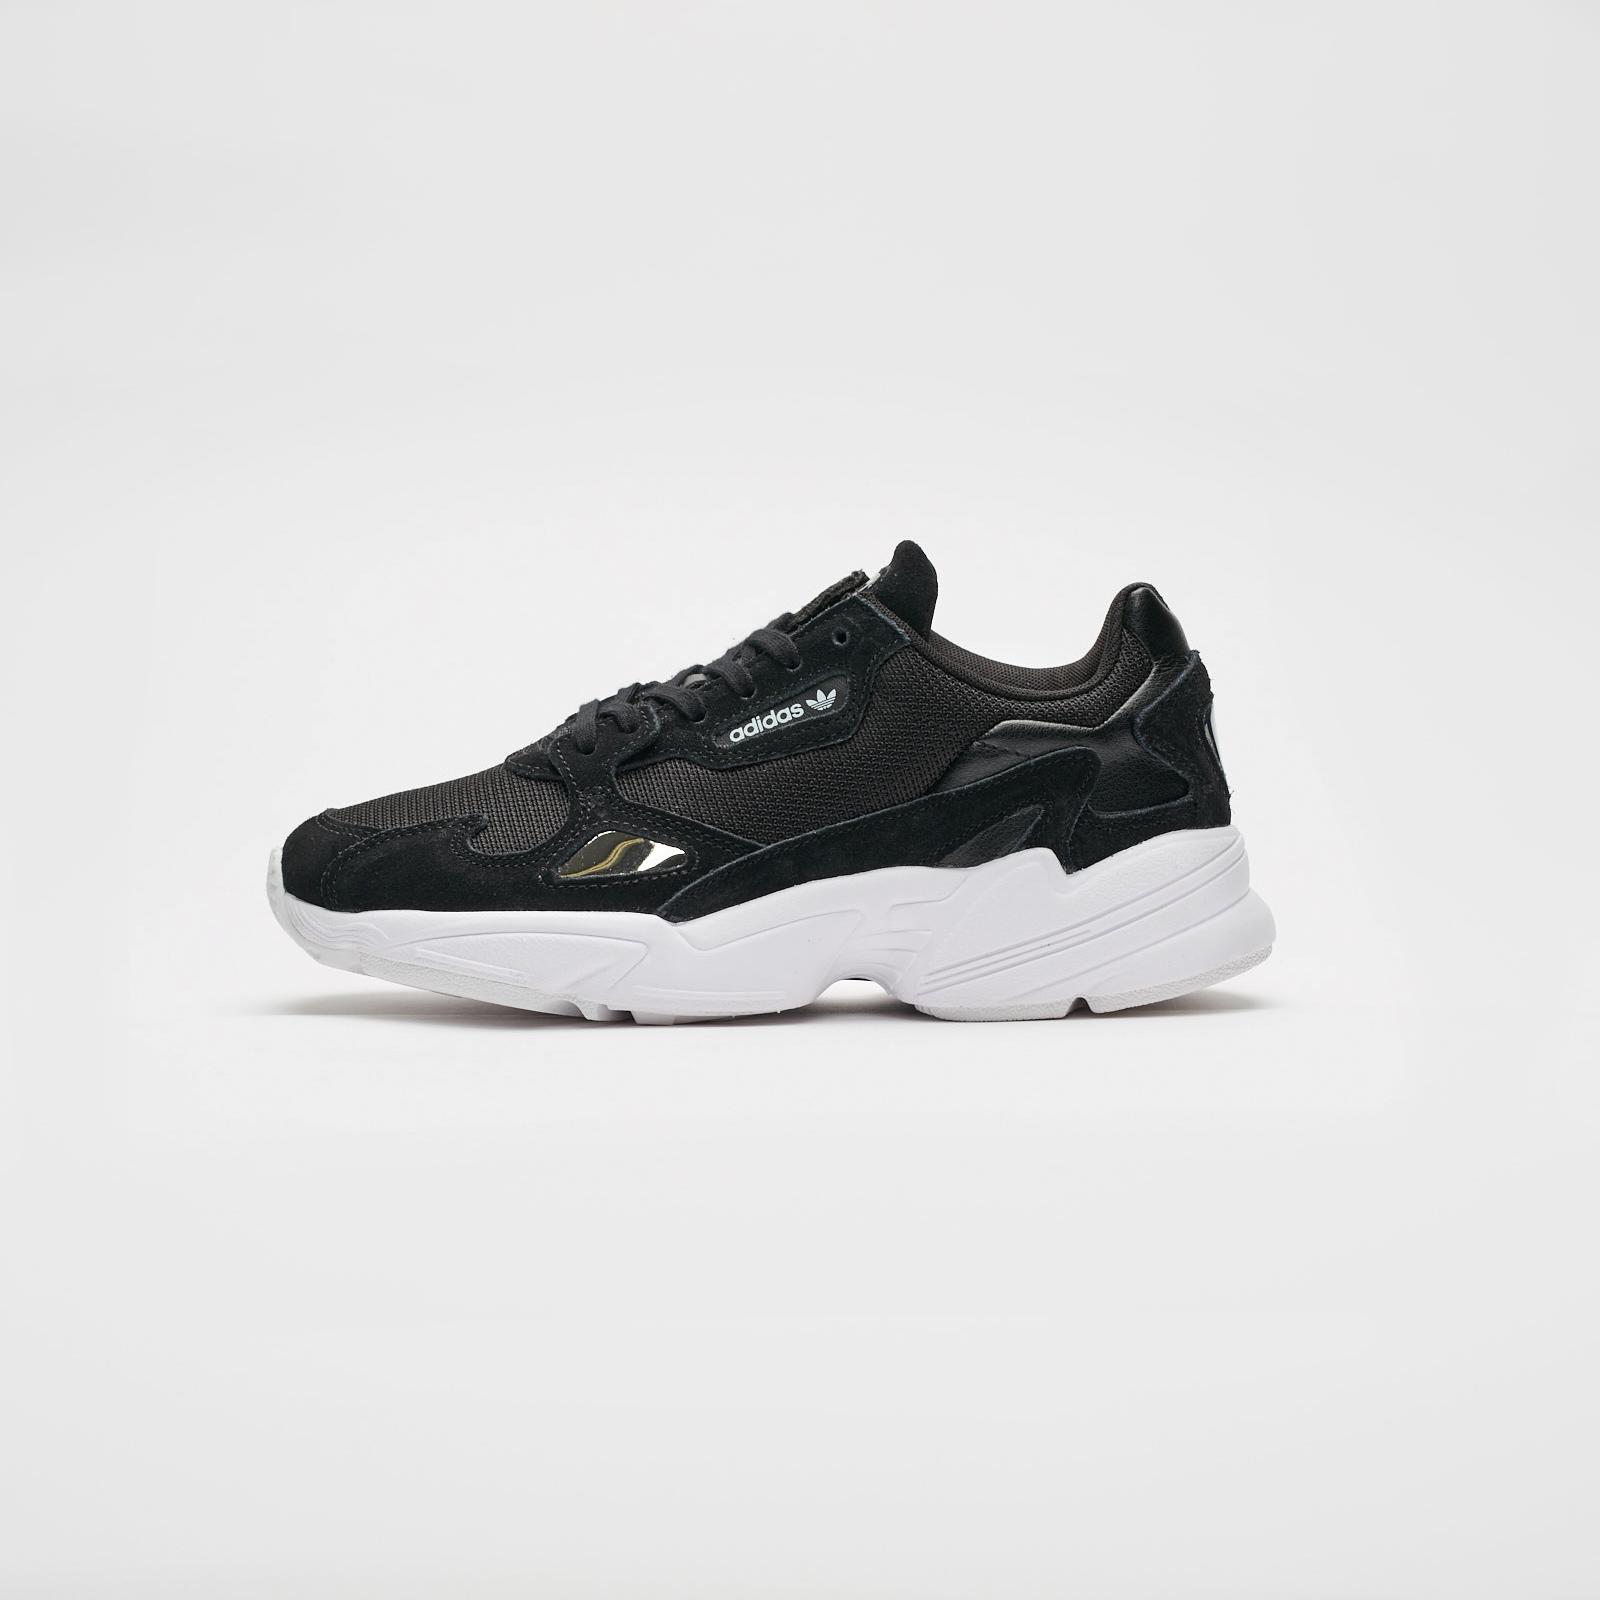 adidas Falcon W B28129 Sneakersnstuff | sneakers